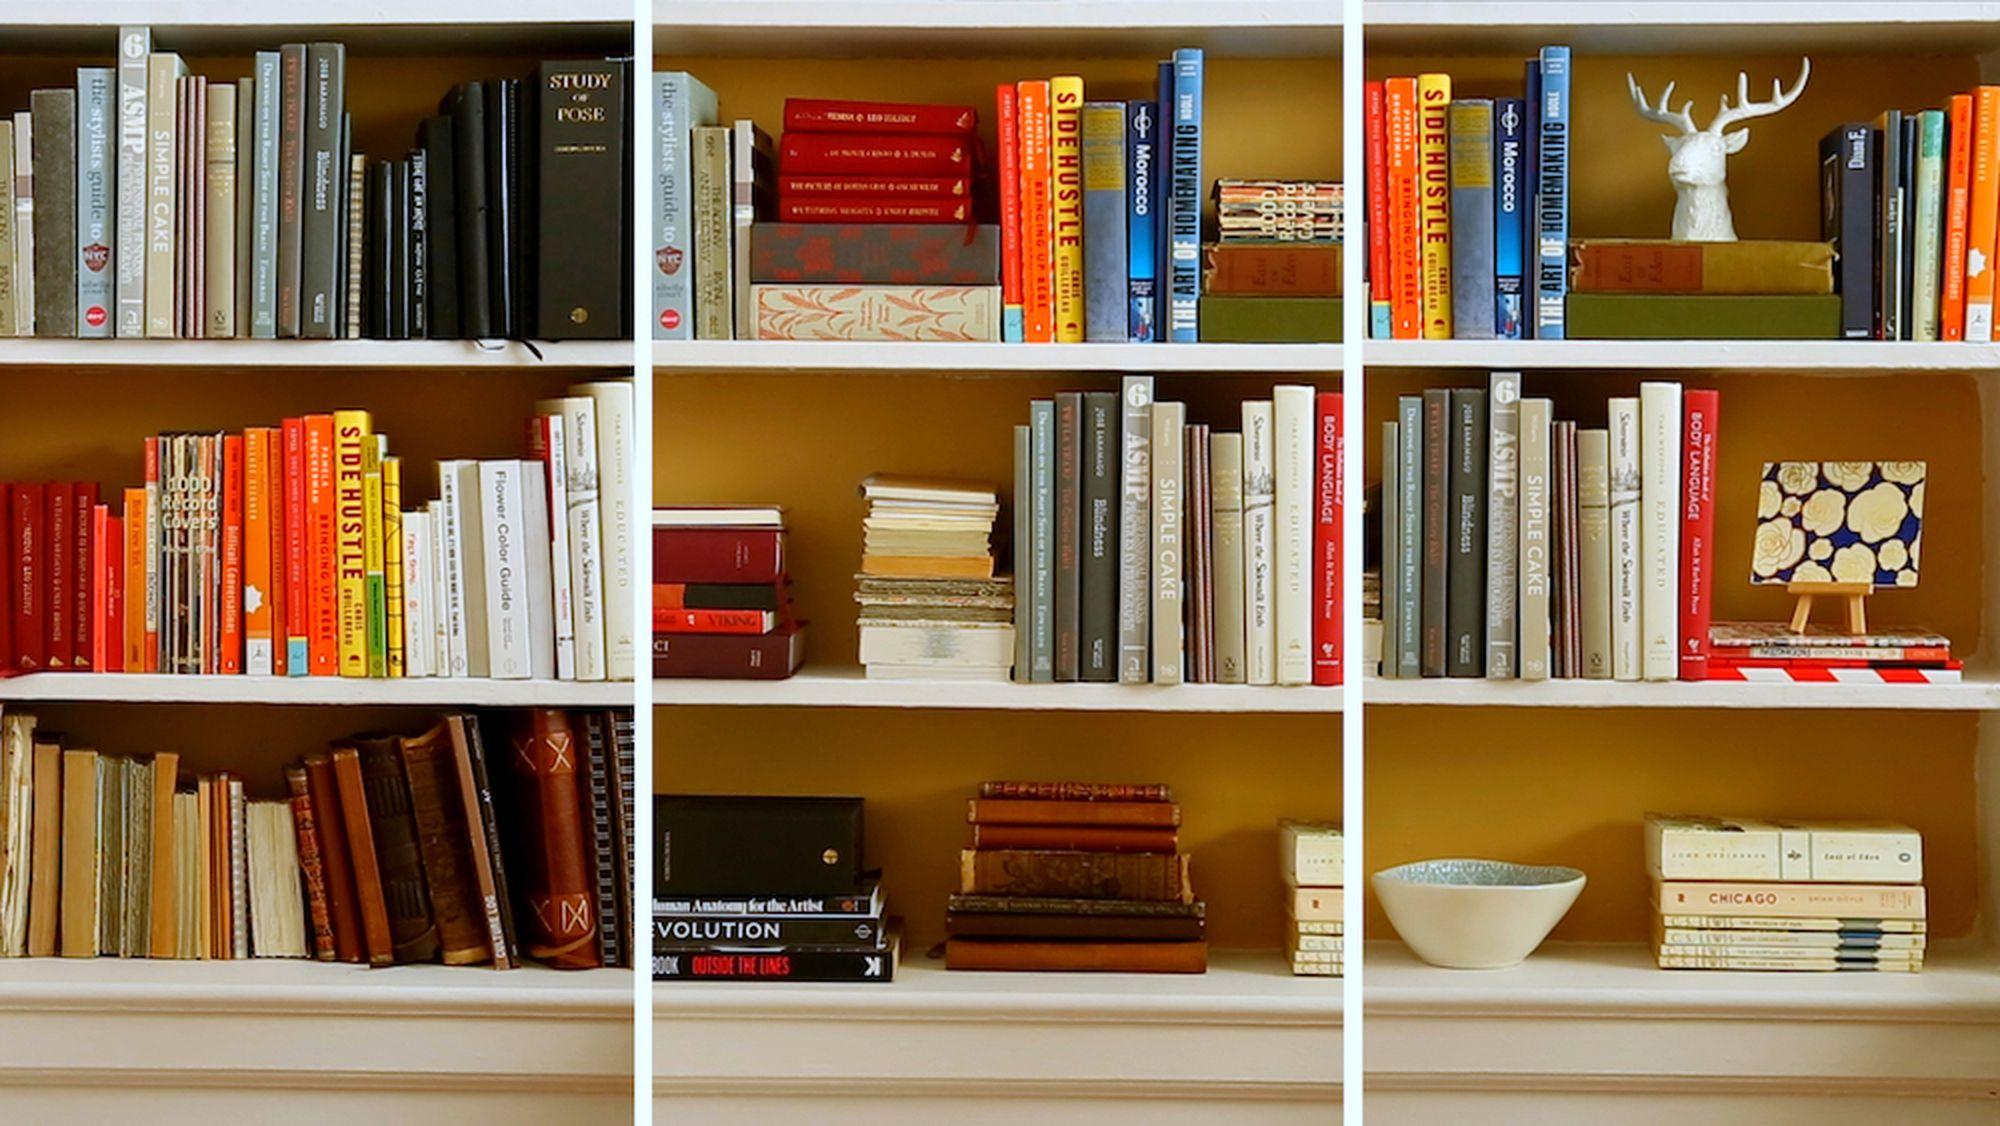 3 Gut Aussehende Weise zu Organisieren Sie Ihre Bücherregale